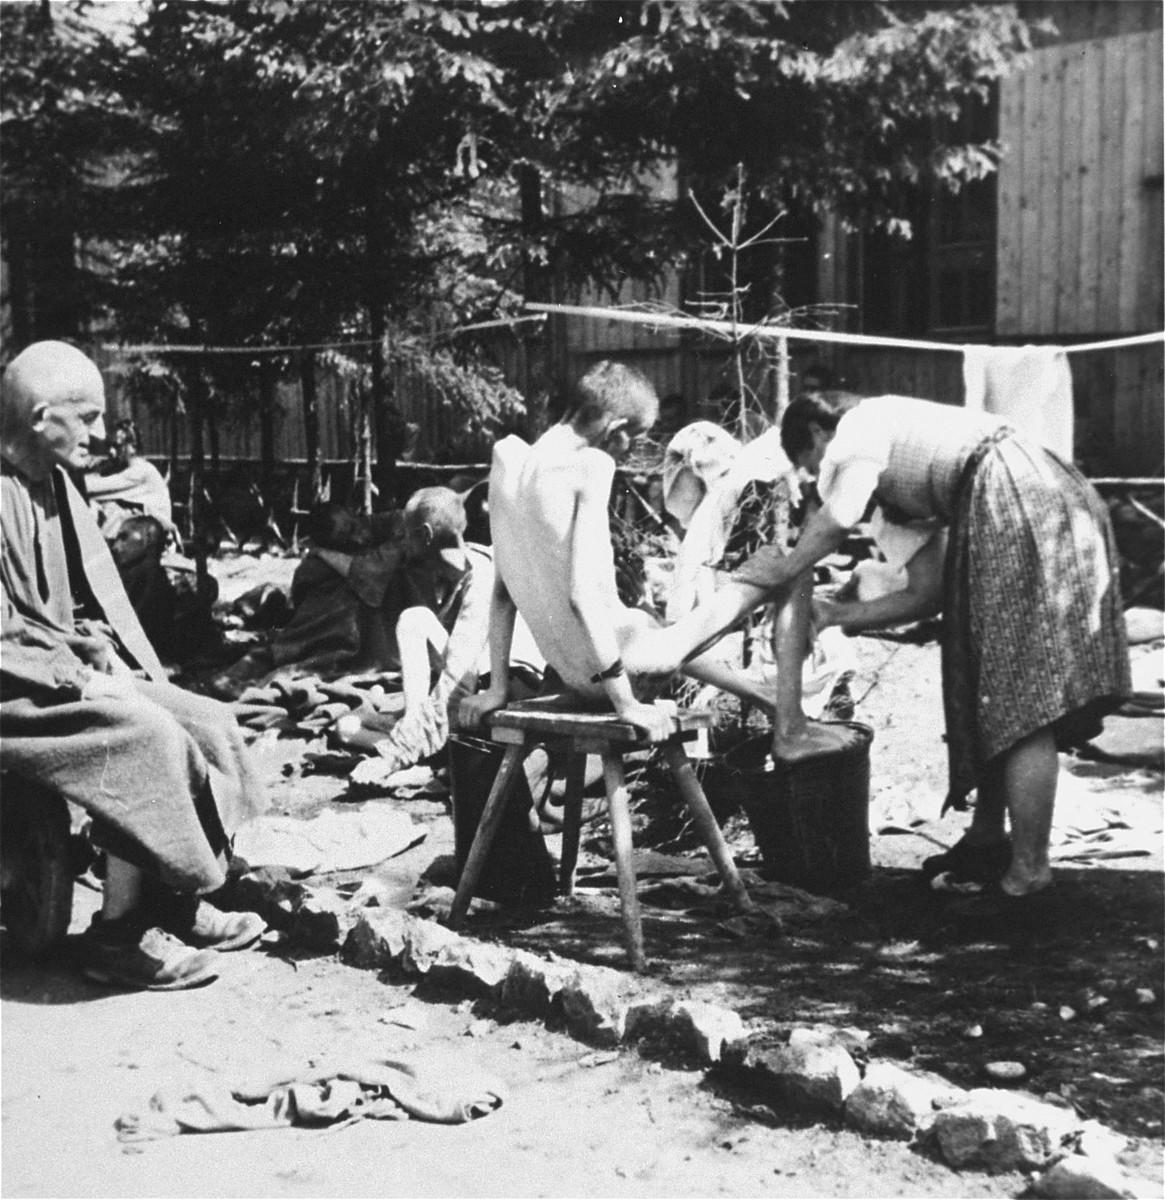 An Austrian woman washes a survivor.